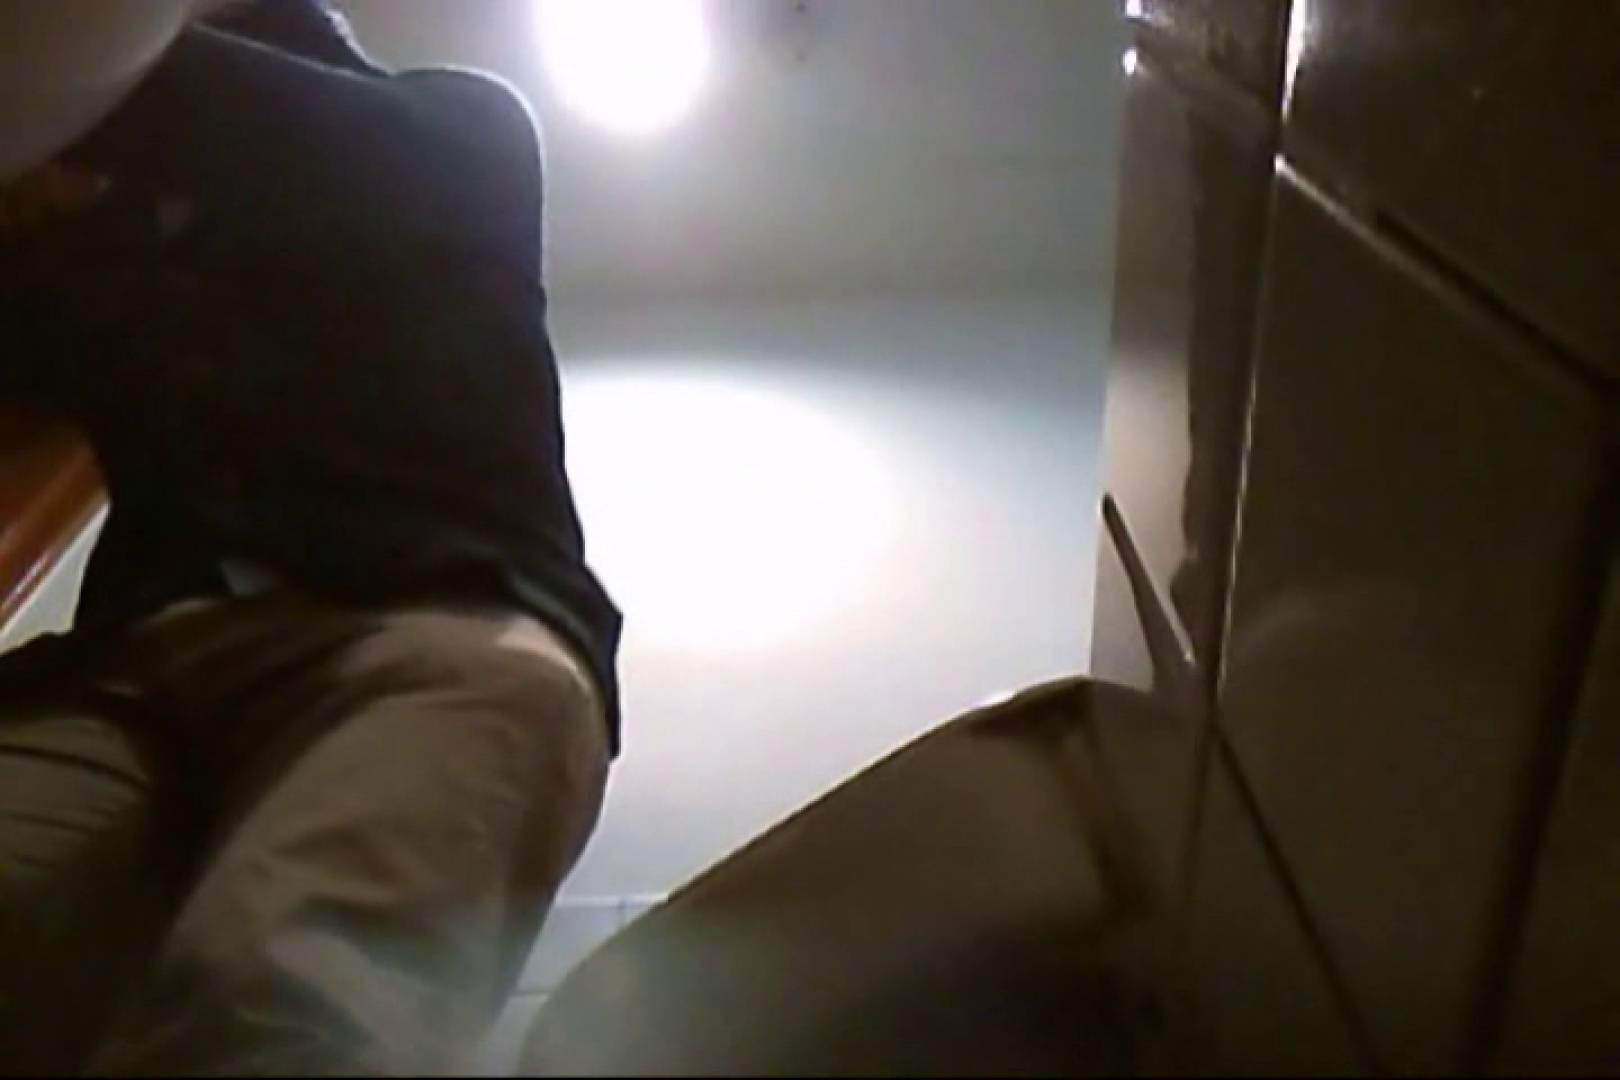 Gボーイ初投稿!掴み取りさんの洗面所覗き!in新幹線!VOL19 のぞき | リーマン系ボーイズ  54pic 15